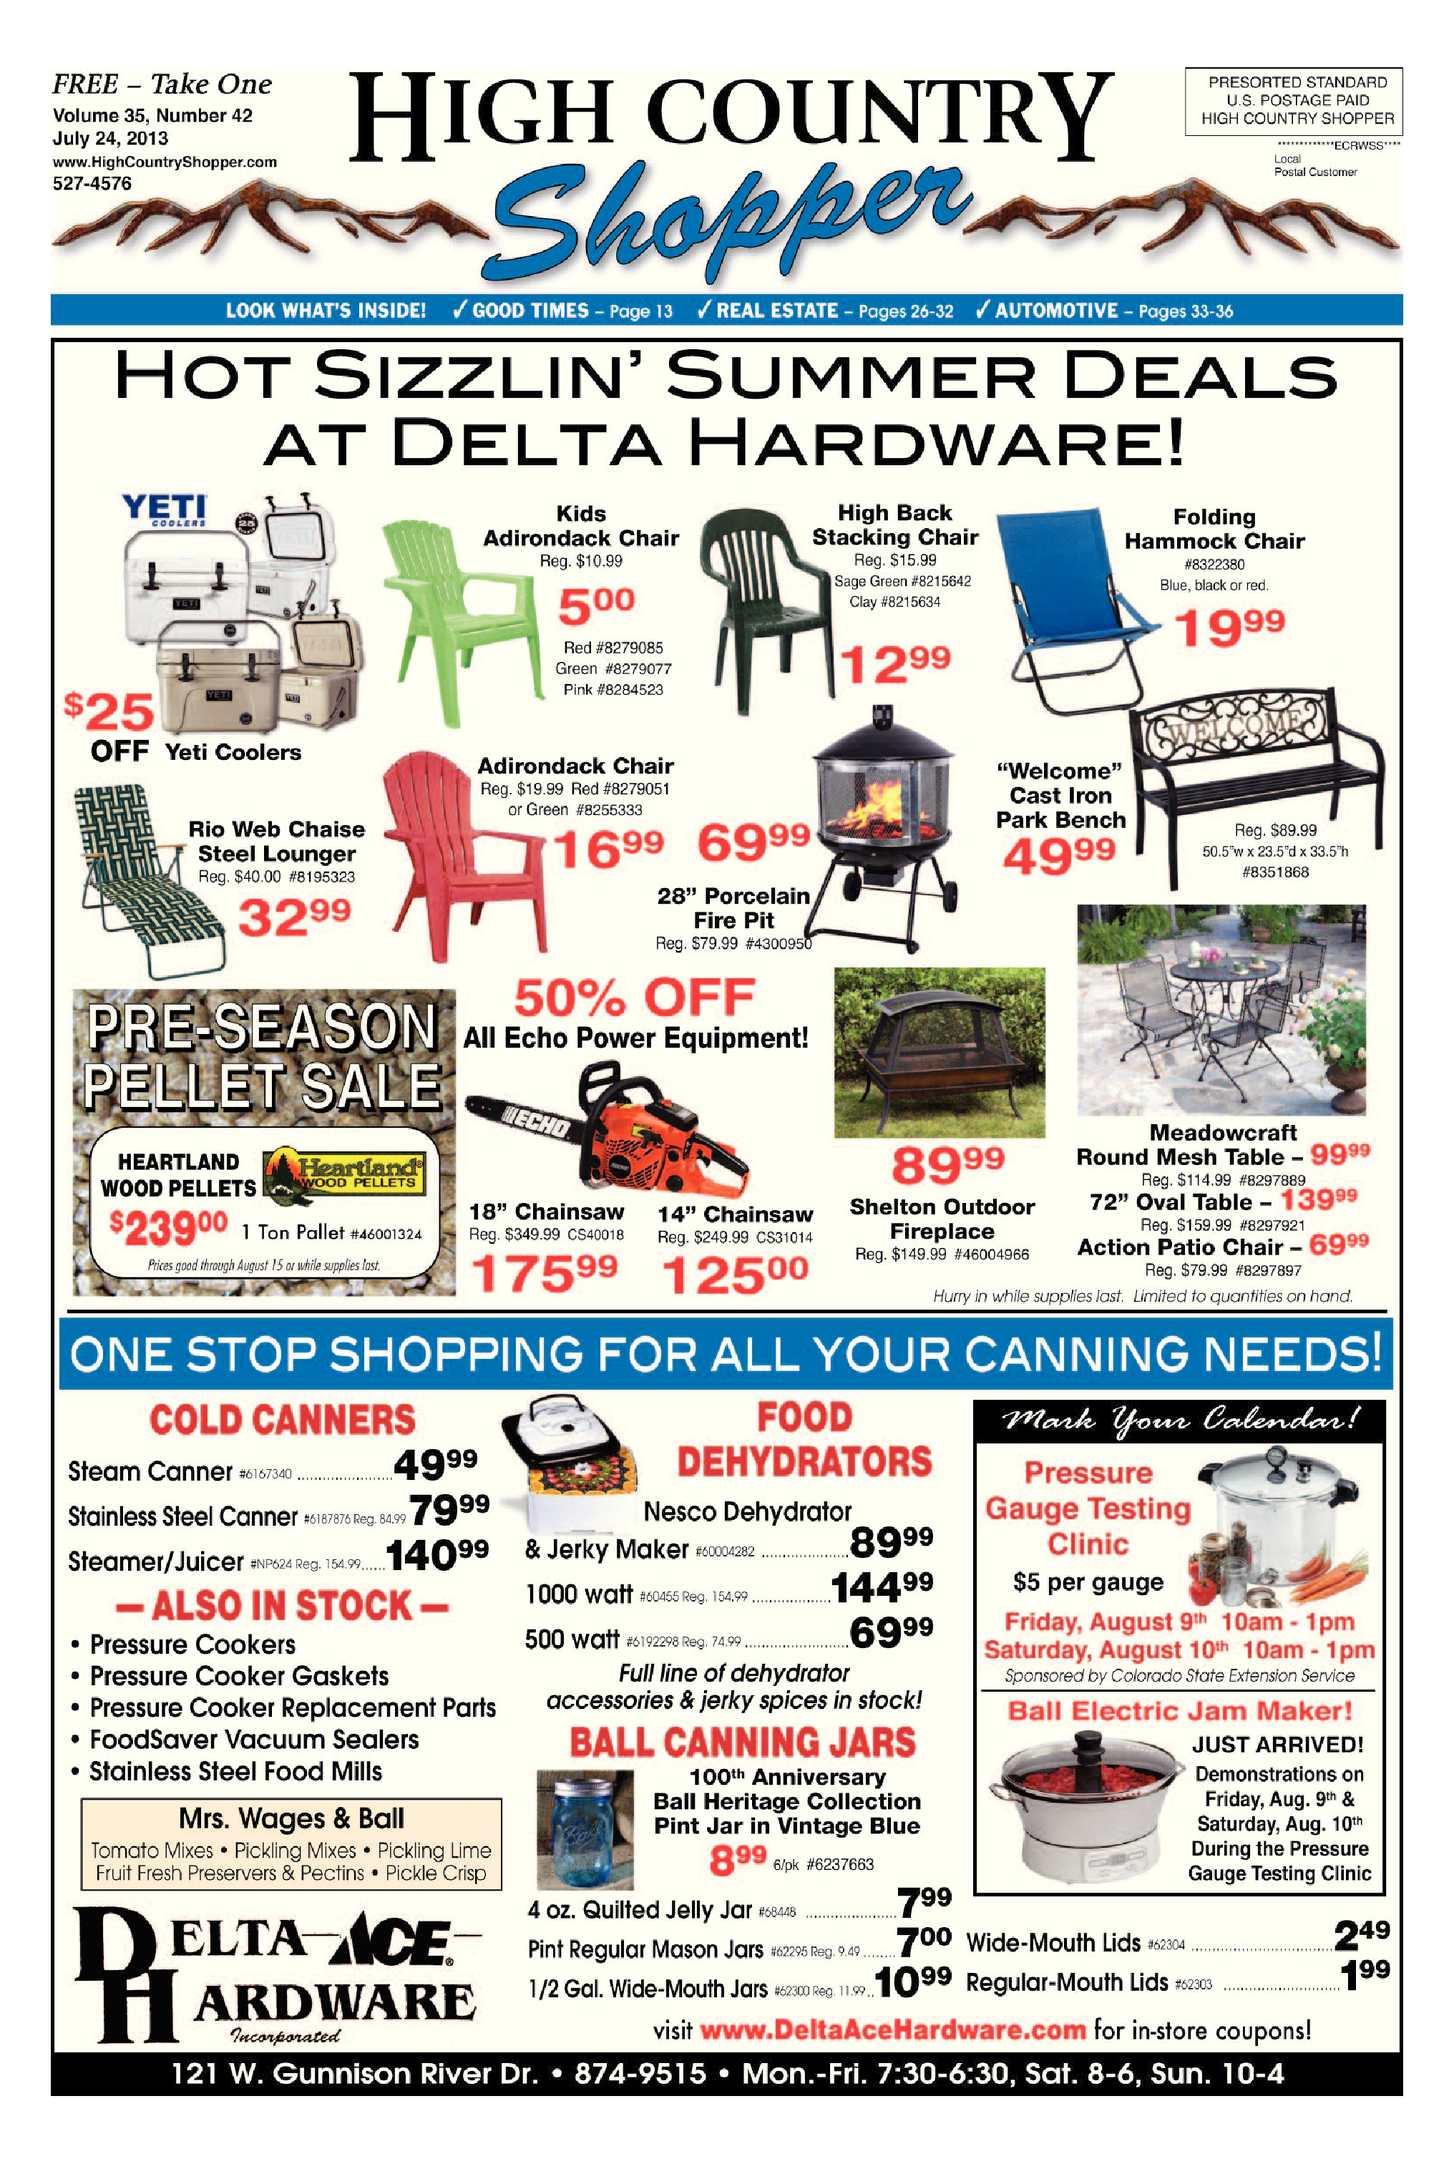 3da11830316 Calaméo - High Country Shopper 7.24.13